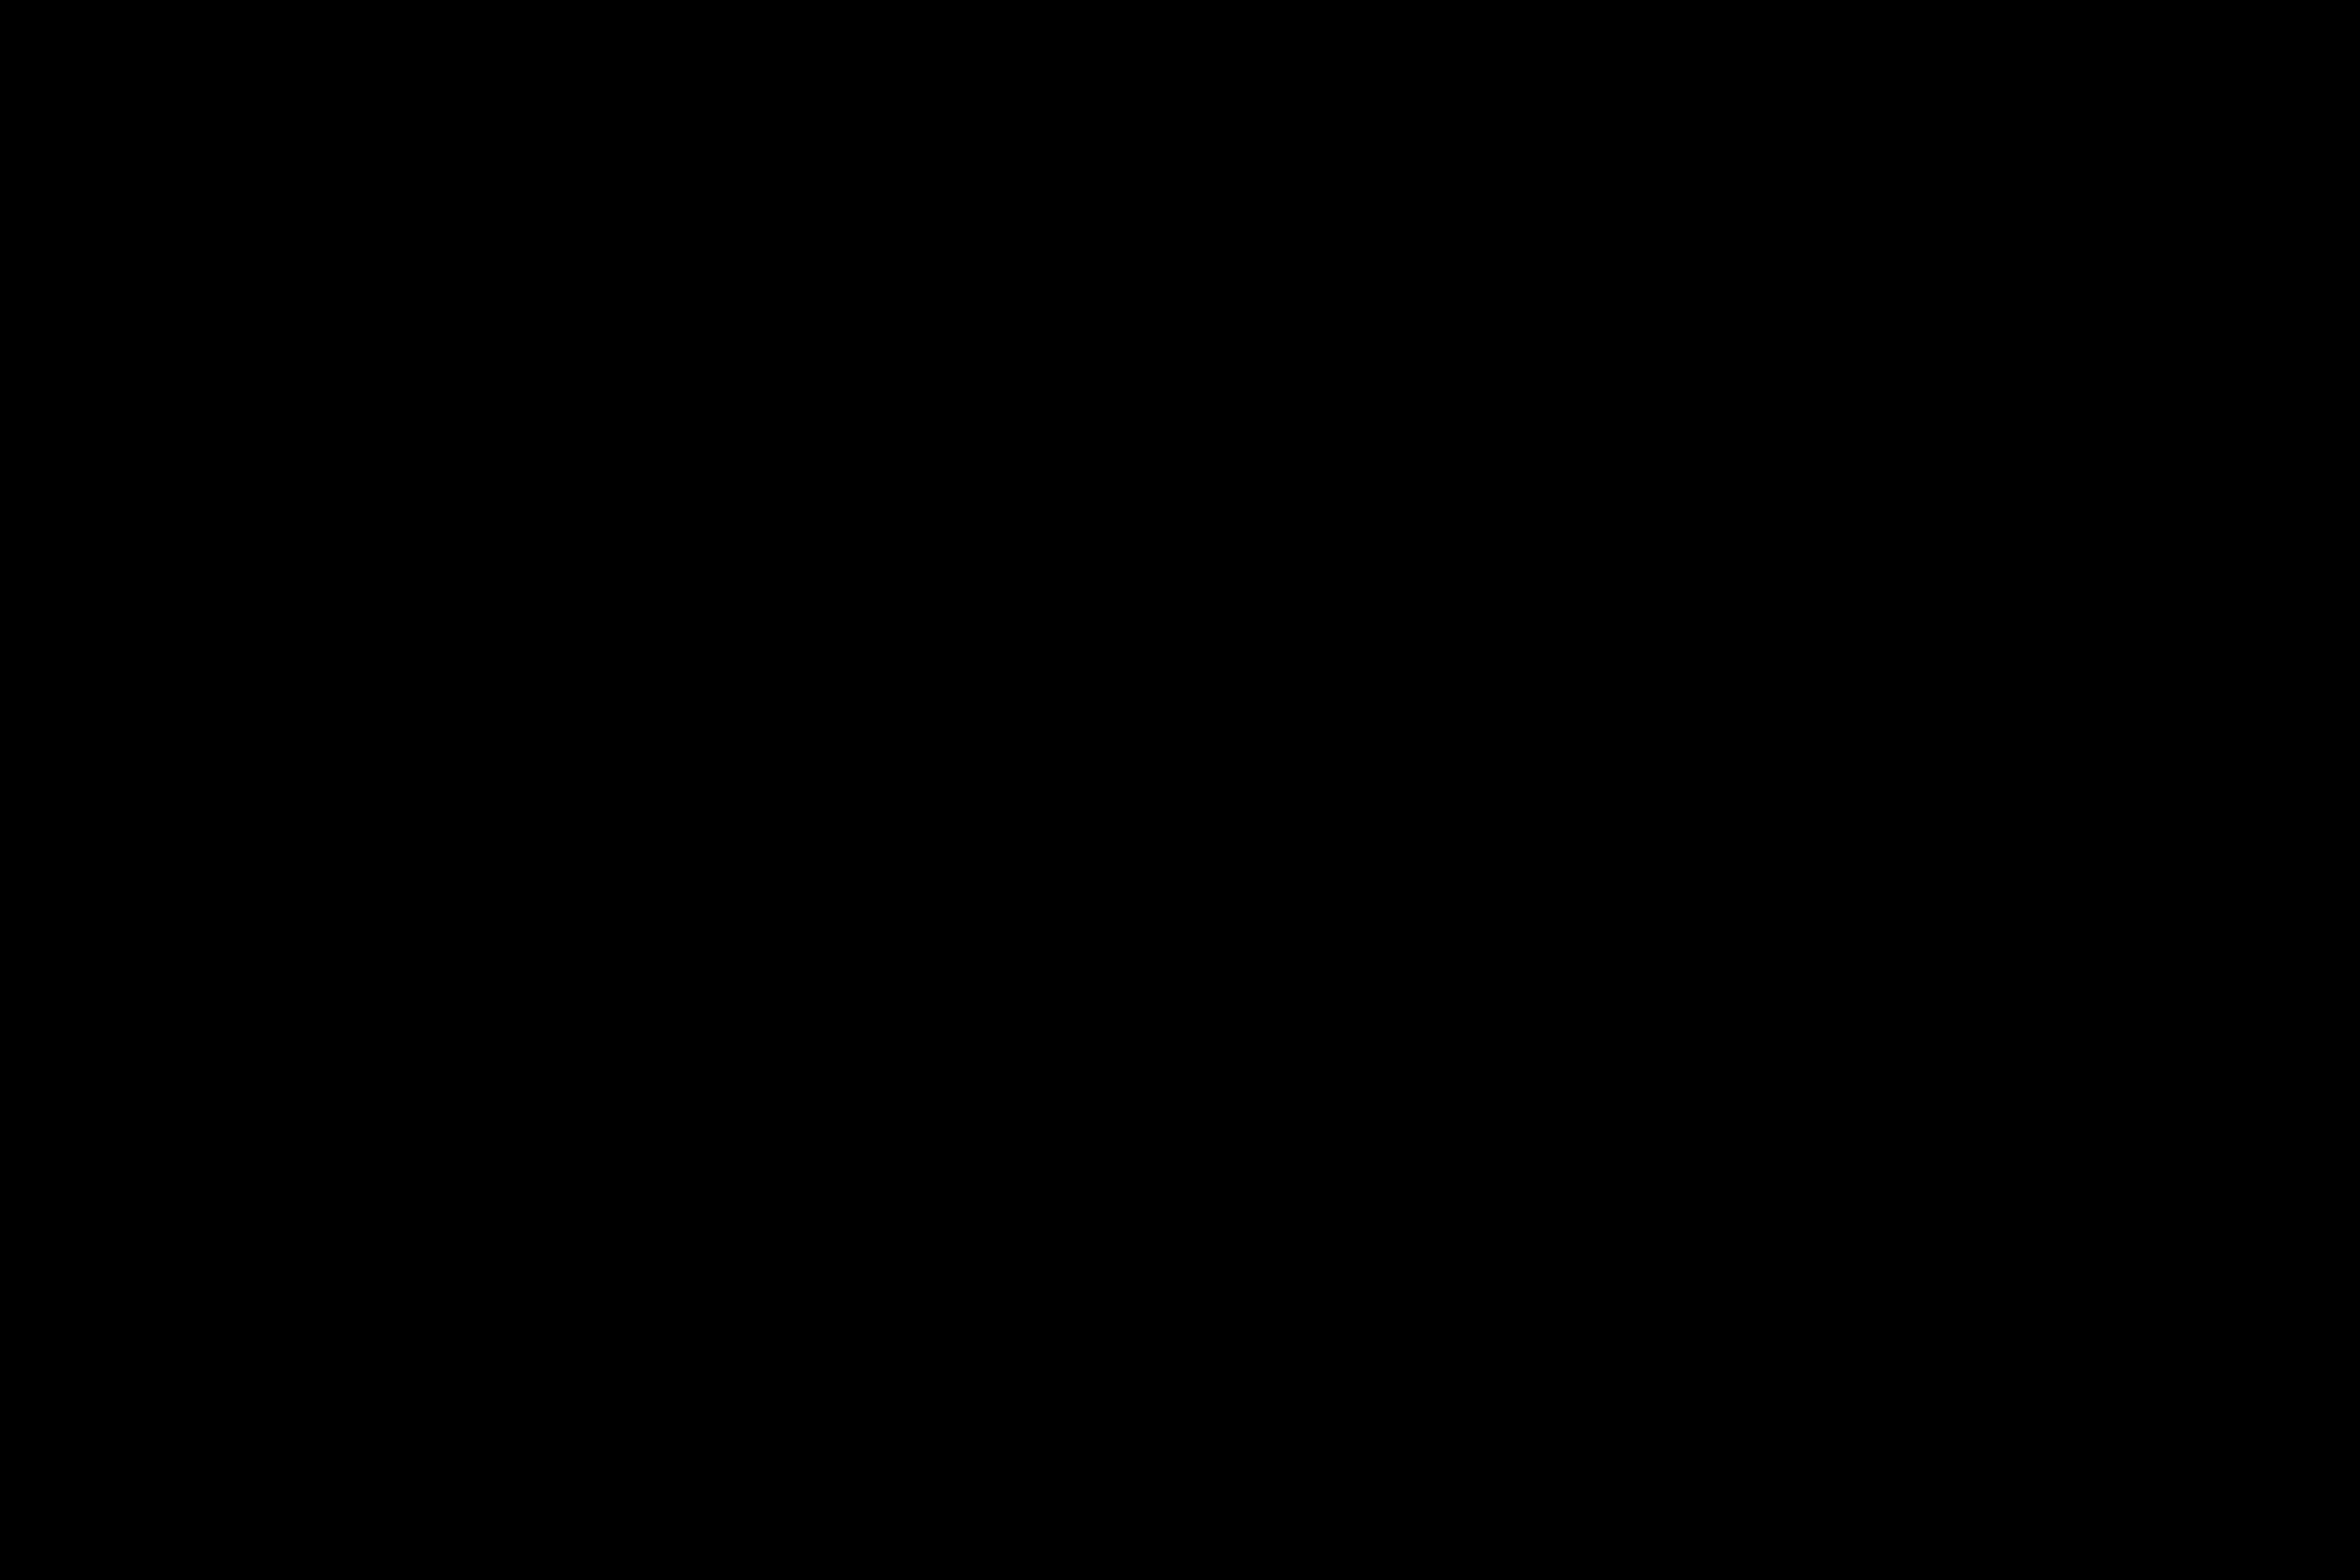 Création du rapport Infodemics / Client : Forum on Information & Democracy